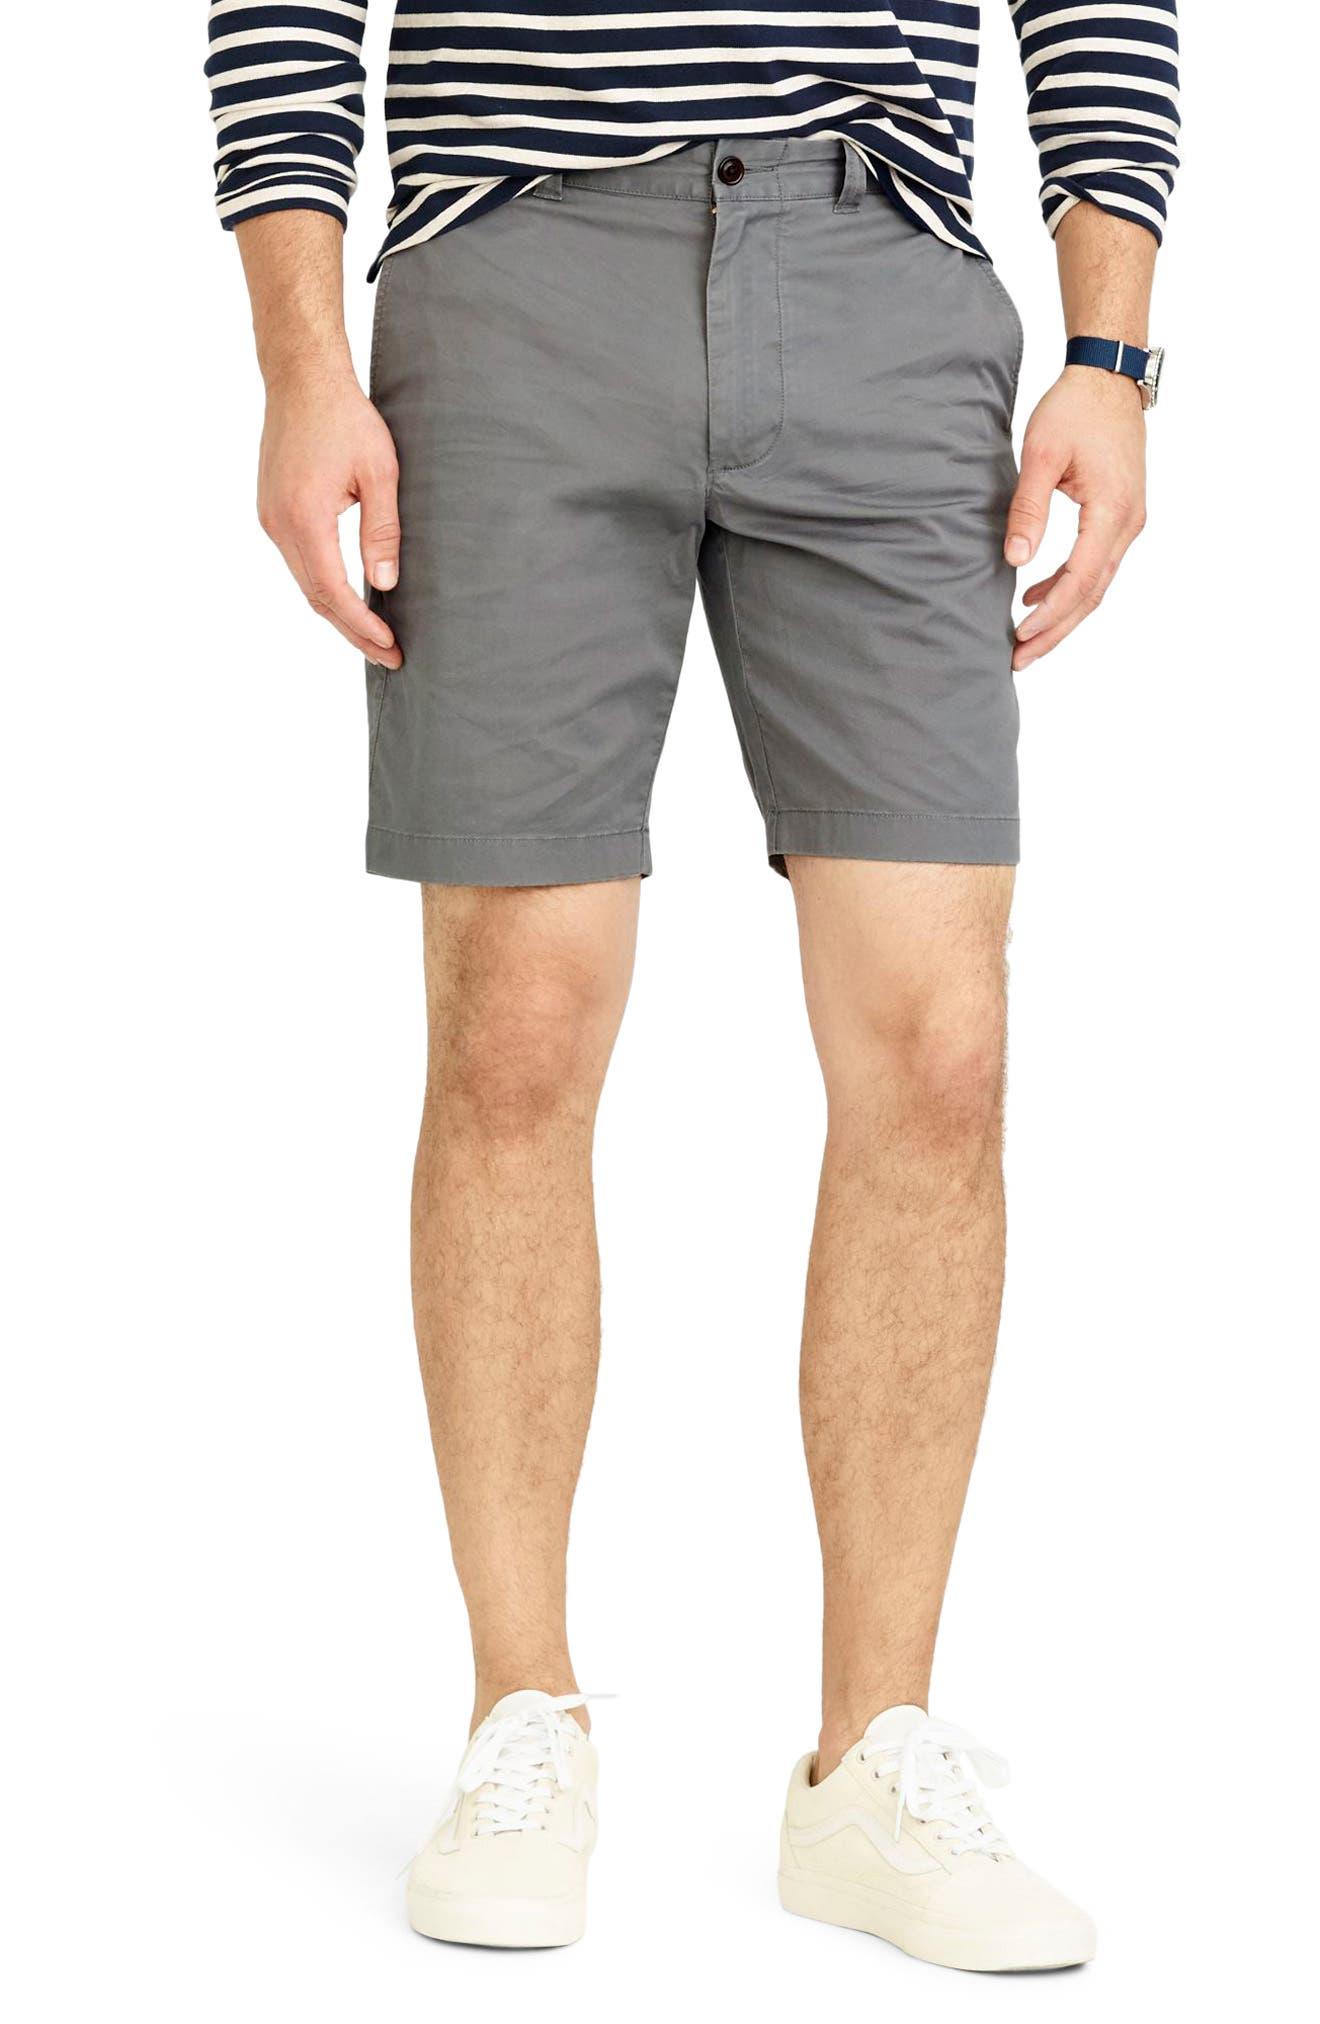 Stretch Chino Shorts,                             Main thumbnail 1, color,                             020